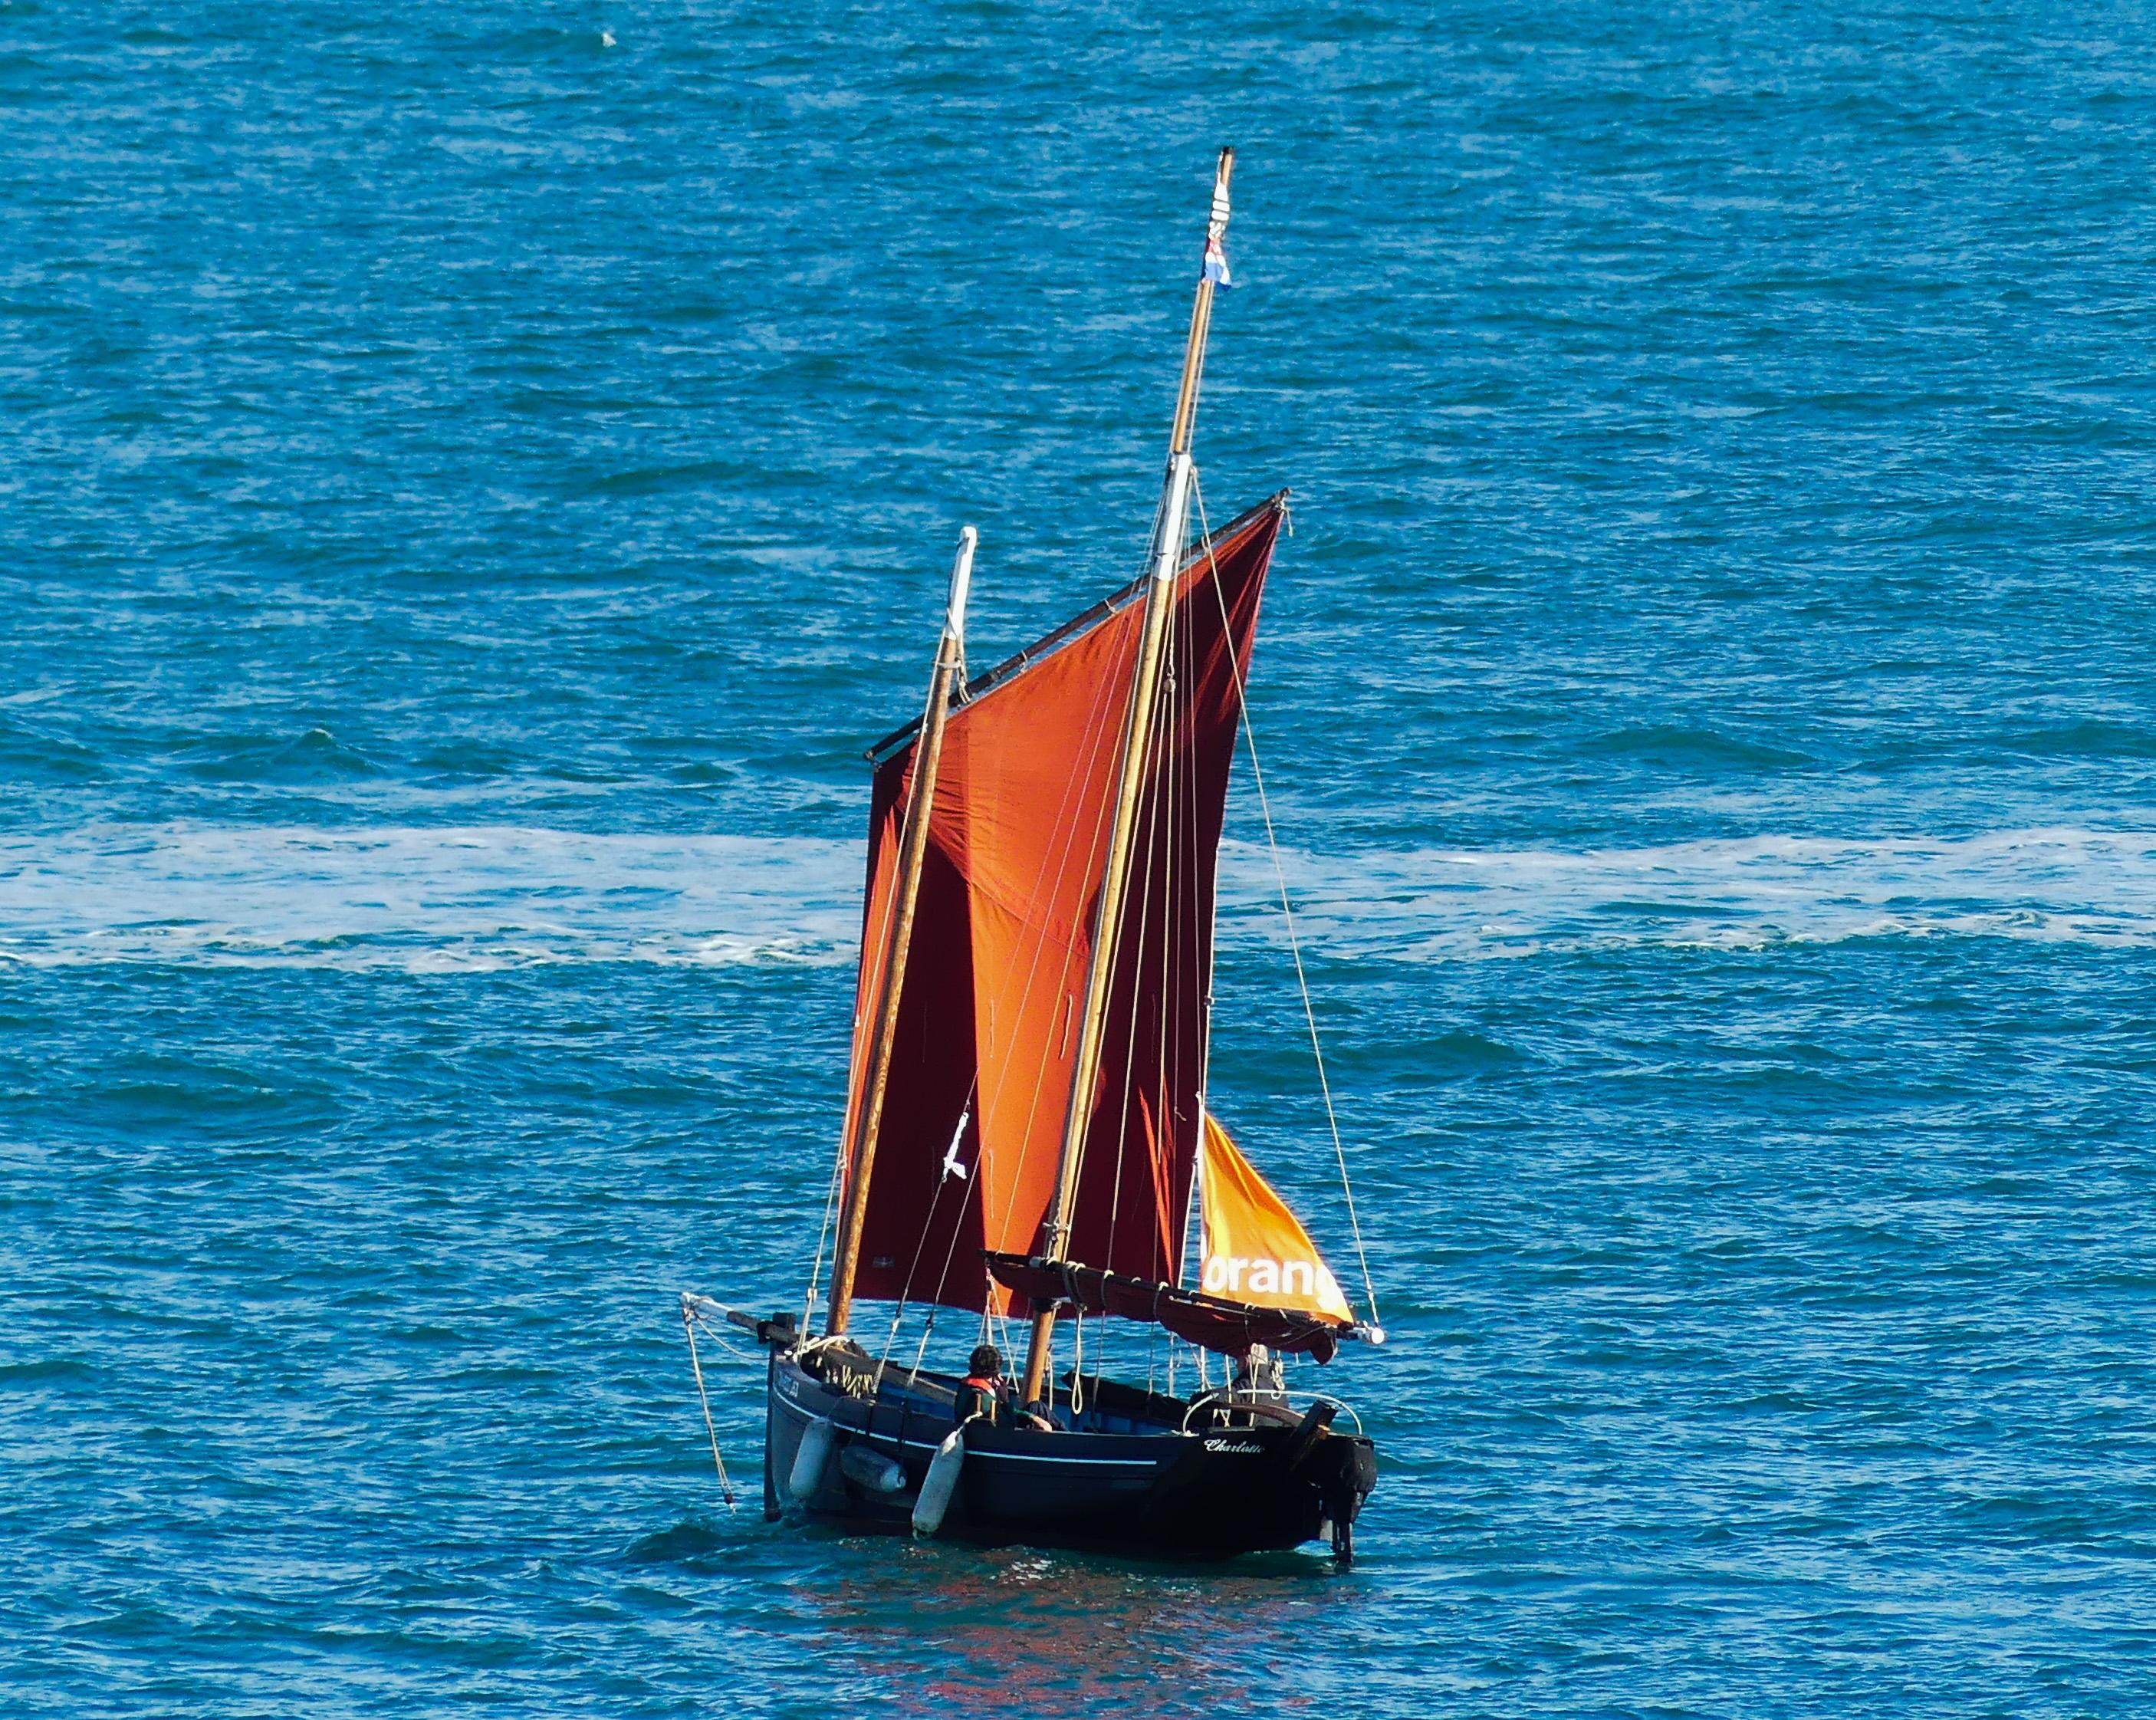 Port de Saint-Malo, cité corsaire !! - Page 24 181030073721265920